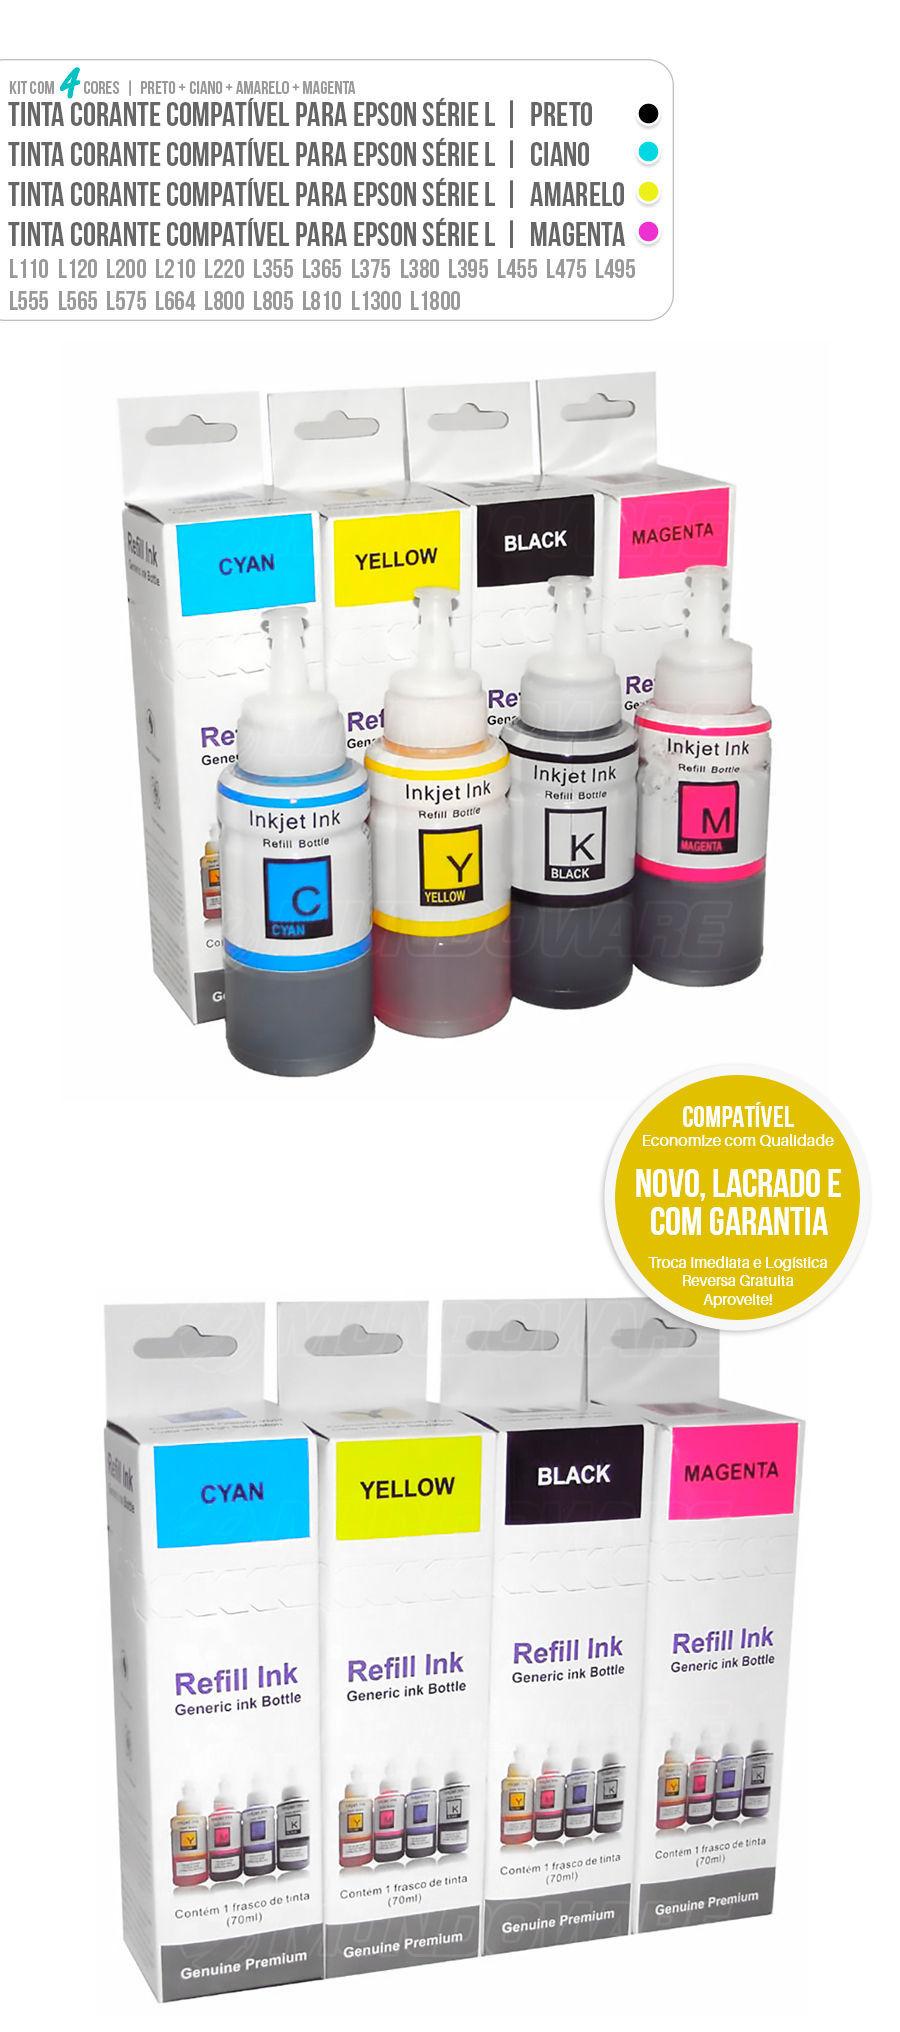 Kit Colorido de Tinta Compatível para Epson Ecotank série L L200 L210 L220 L355 L365 L375 L555 L575 L800 L805 L1300